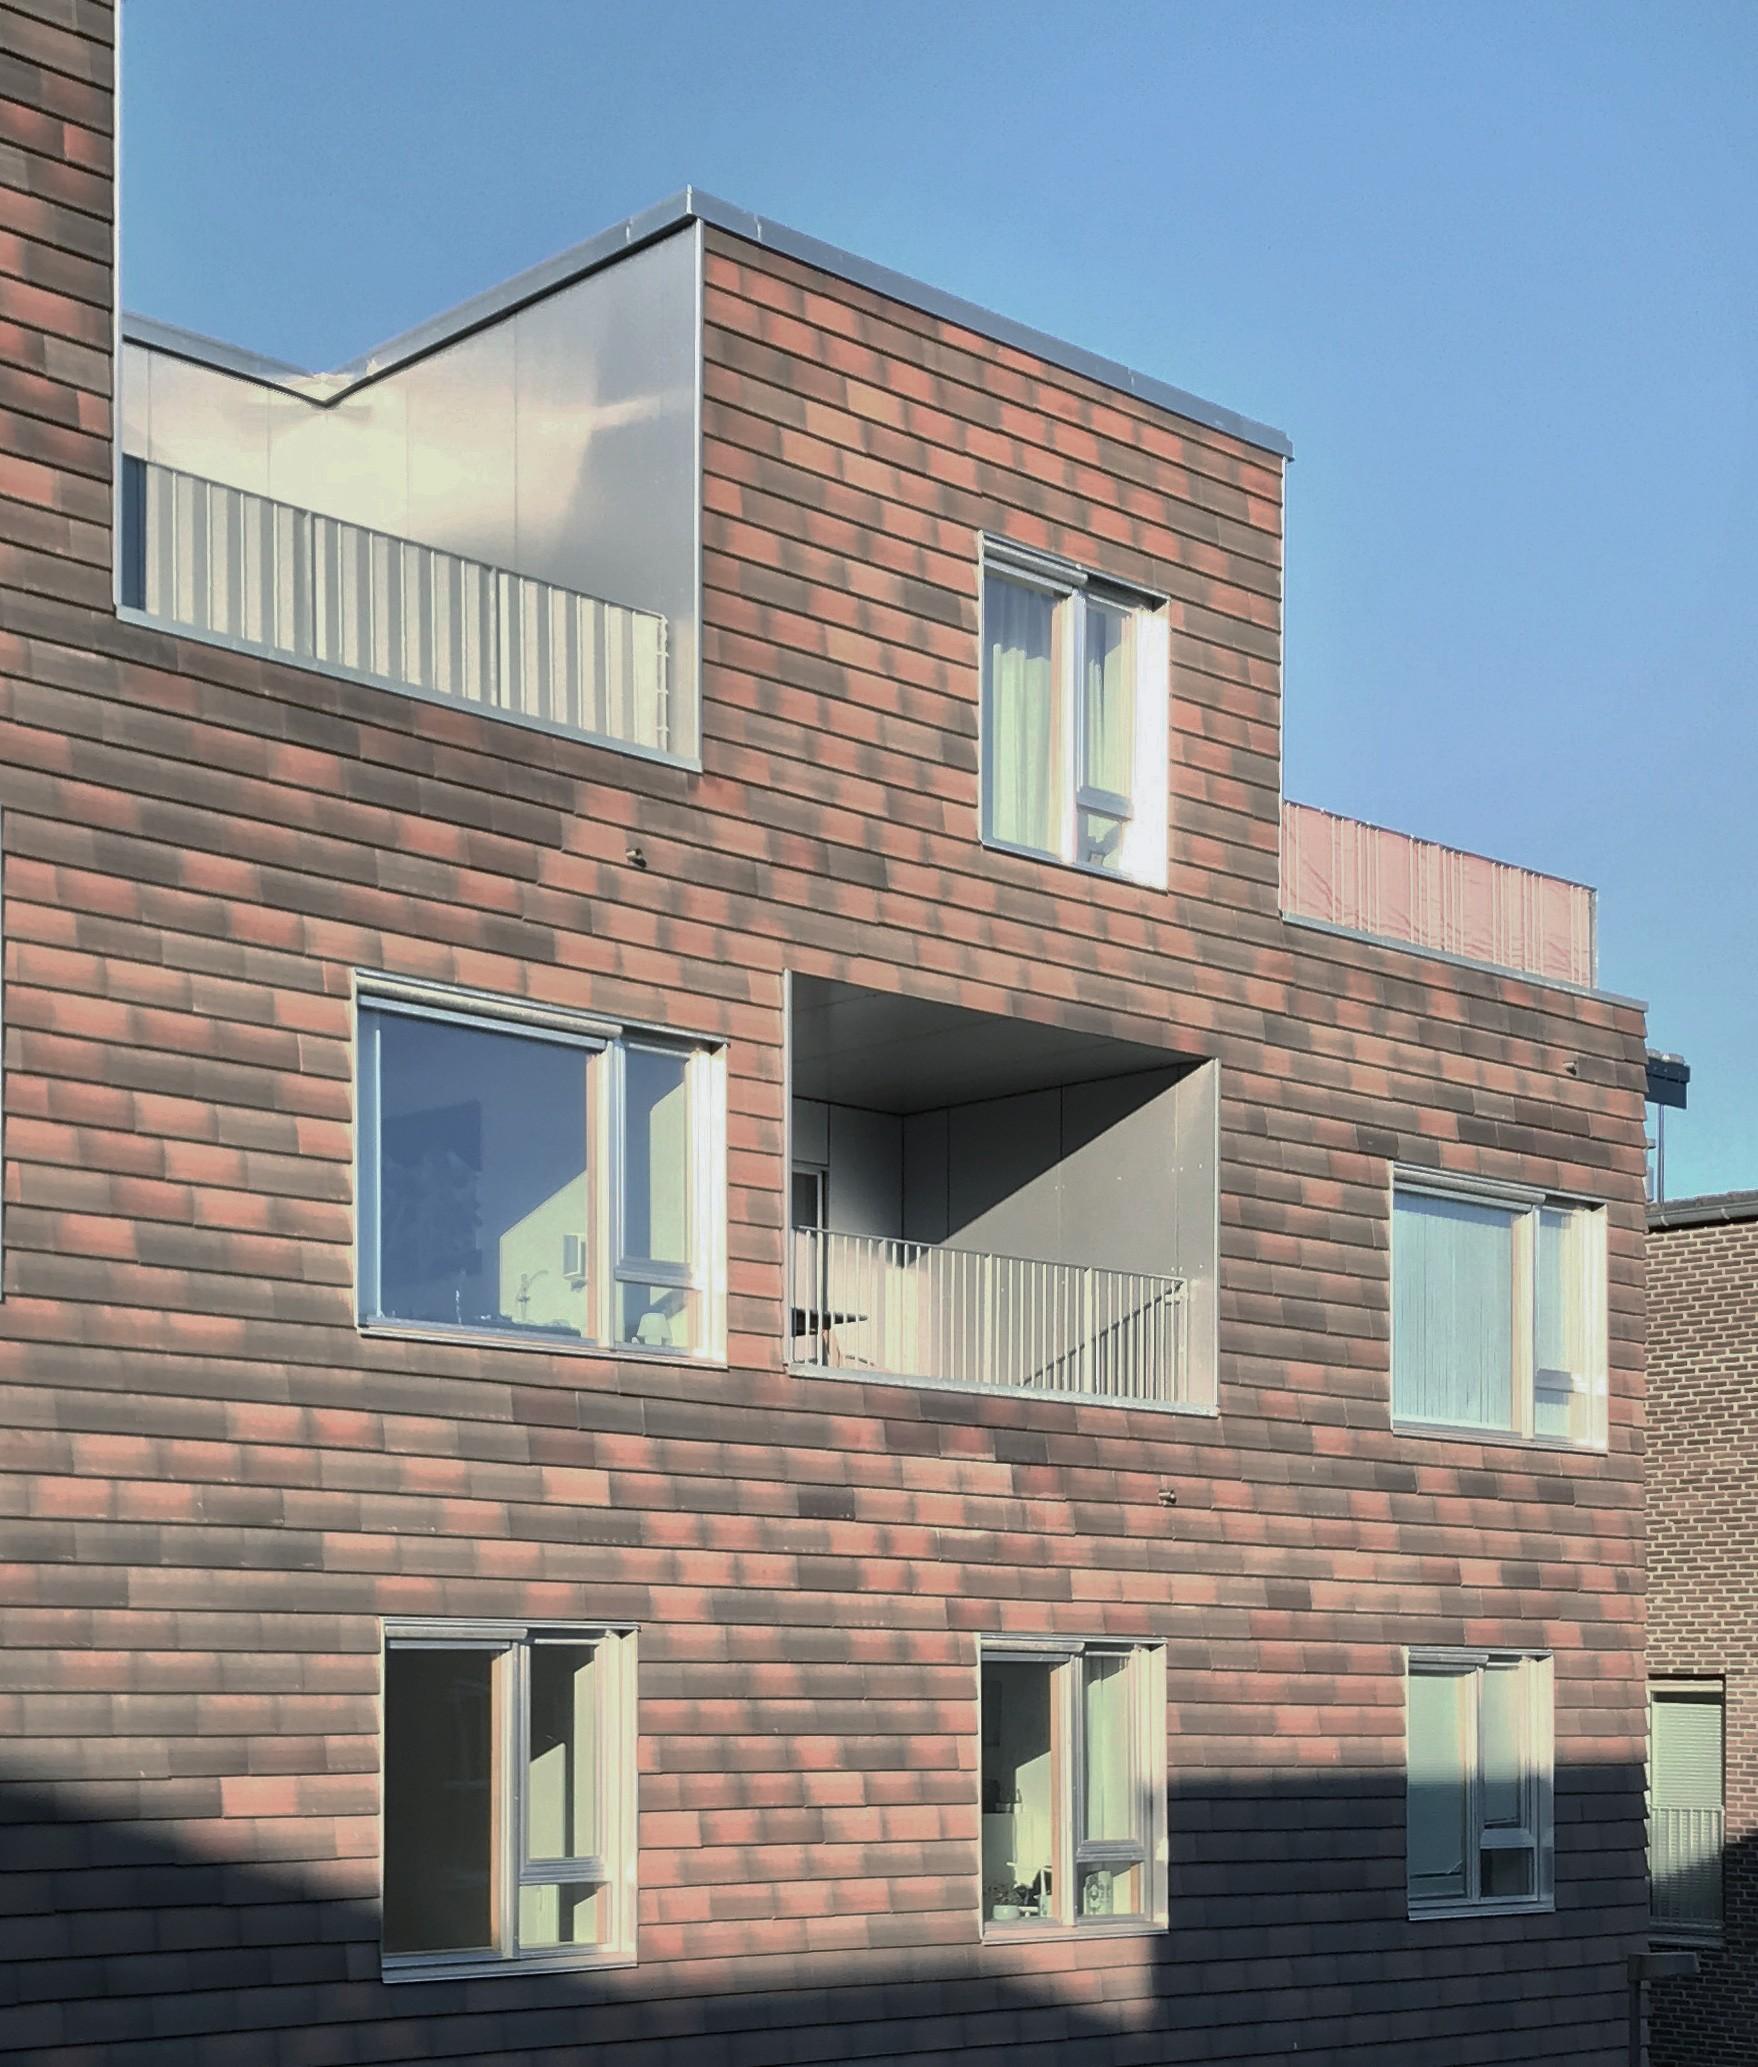 Skovkvarteret-Ørestaden-ONV-arkitekter-København-præfab-boliger-Prefabricated-housing-4